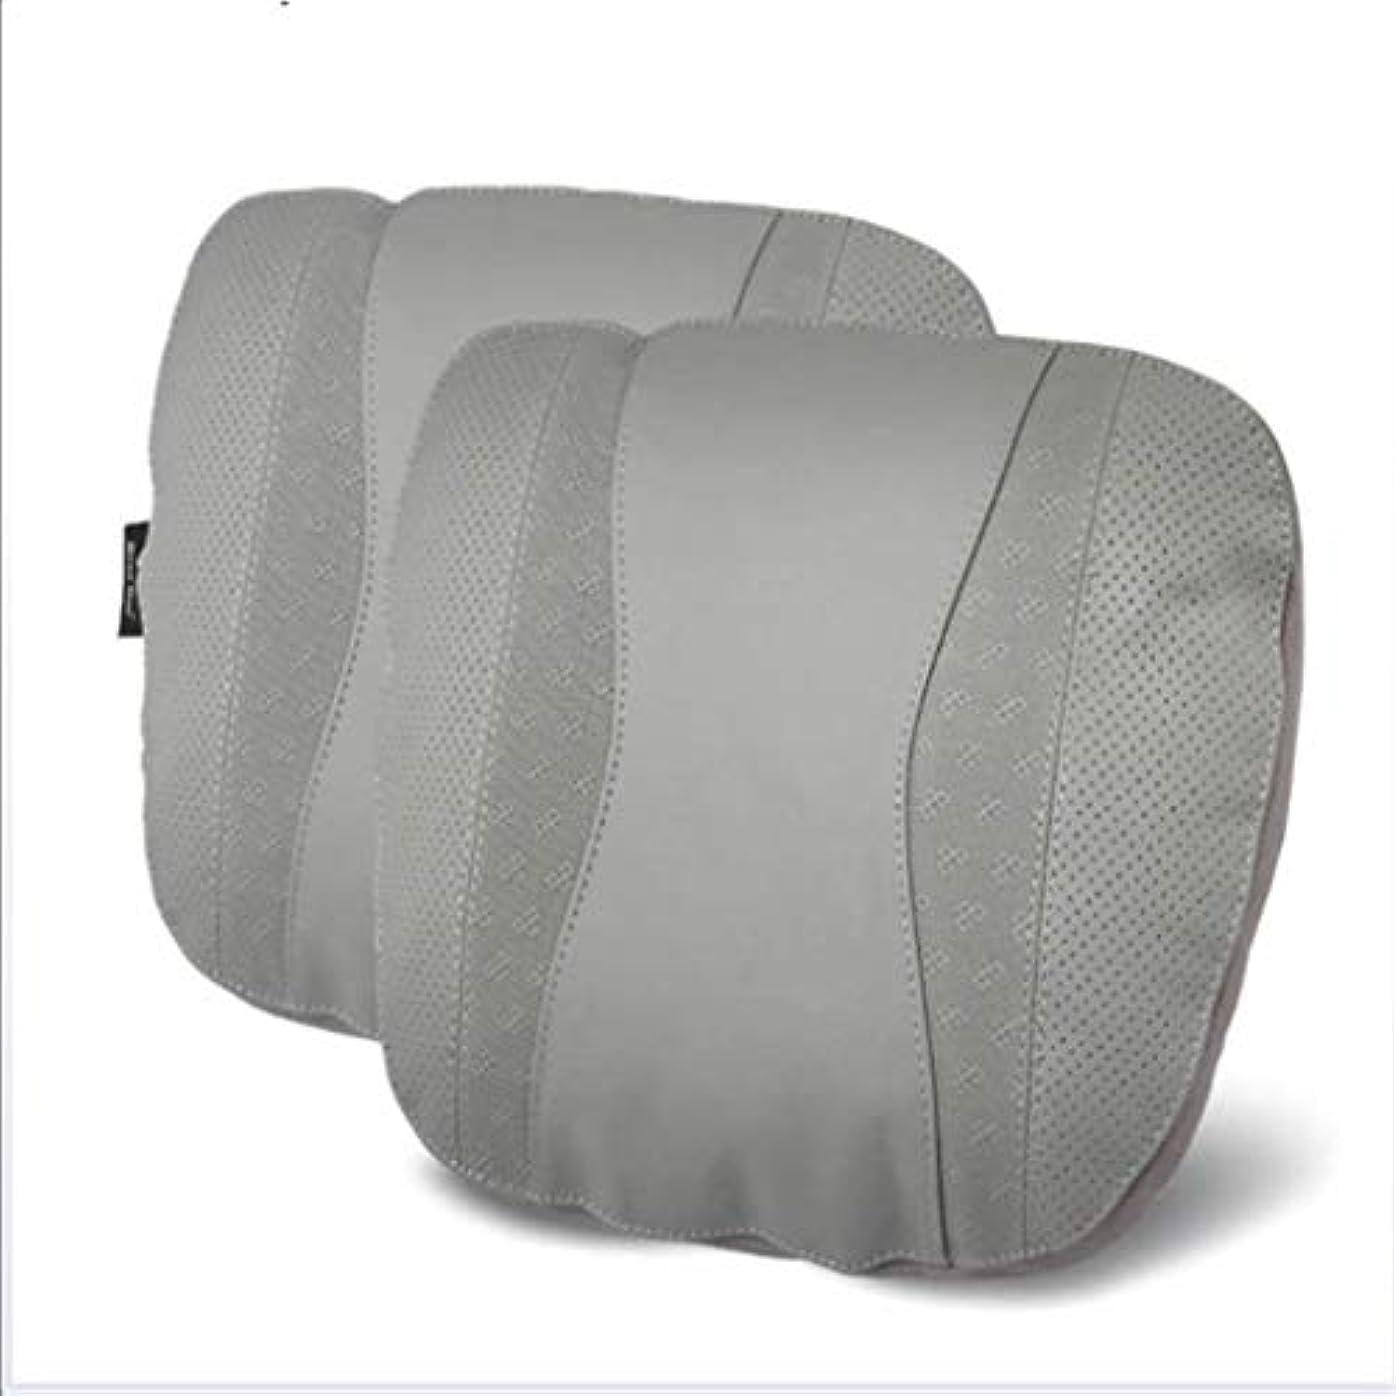 引き渡すボートスペクトラムネックピロー、カーシートネックピロー、トラベルピローネックパッド、カーネックピローサポートピローとして使用、航空機のネックピロー、首の疲れを和らげる (Color : Gray)